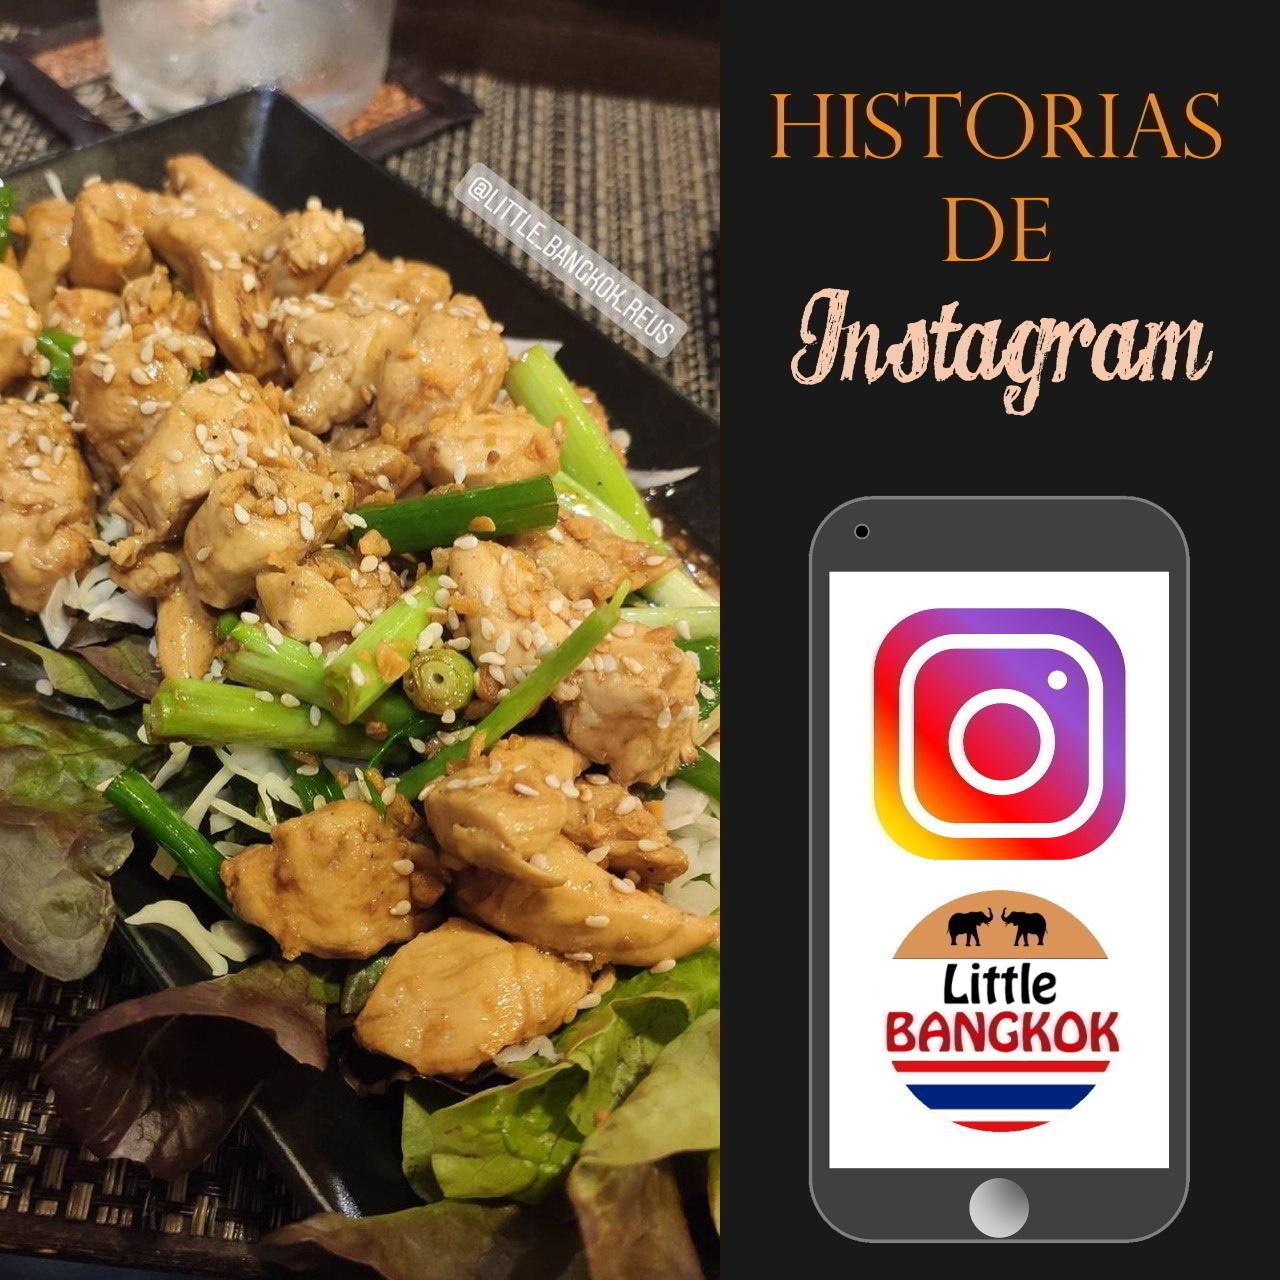 Historias de Instagram - 10 - Octubre 1